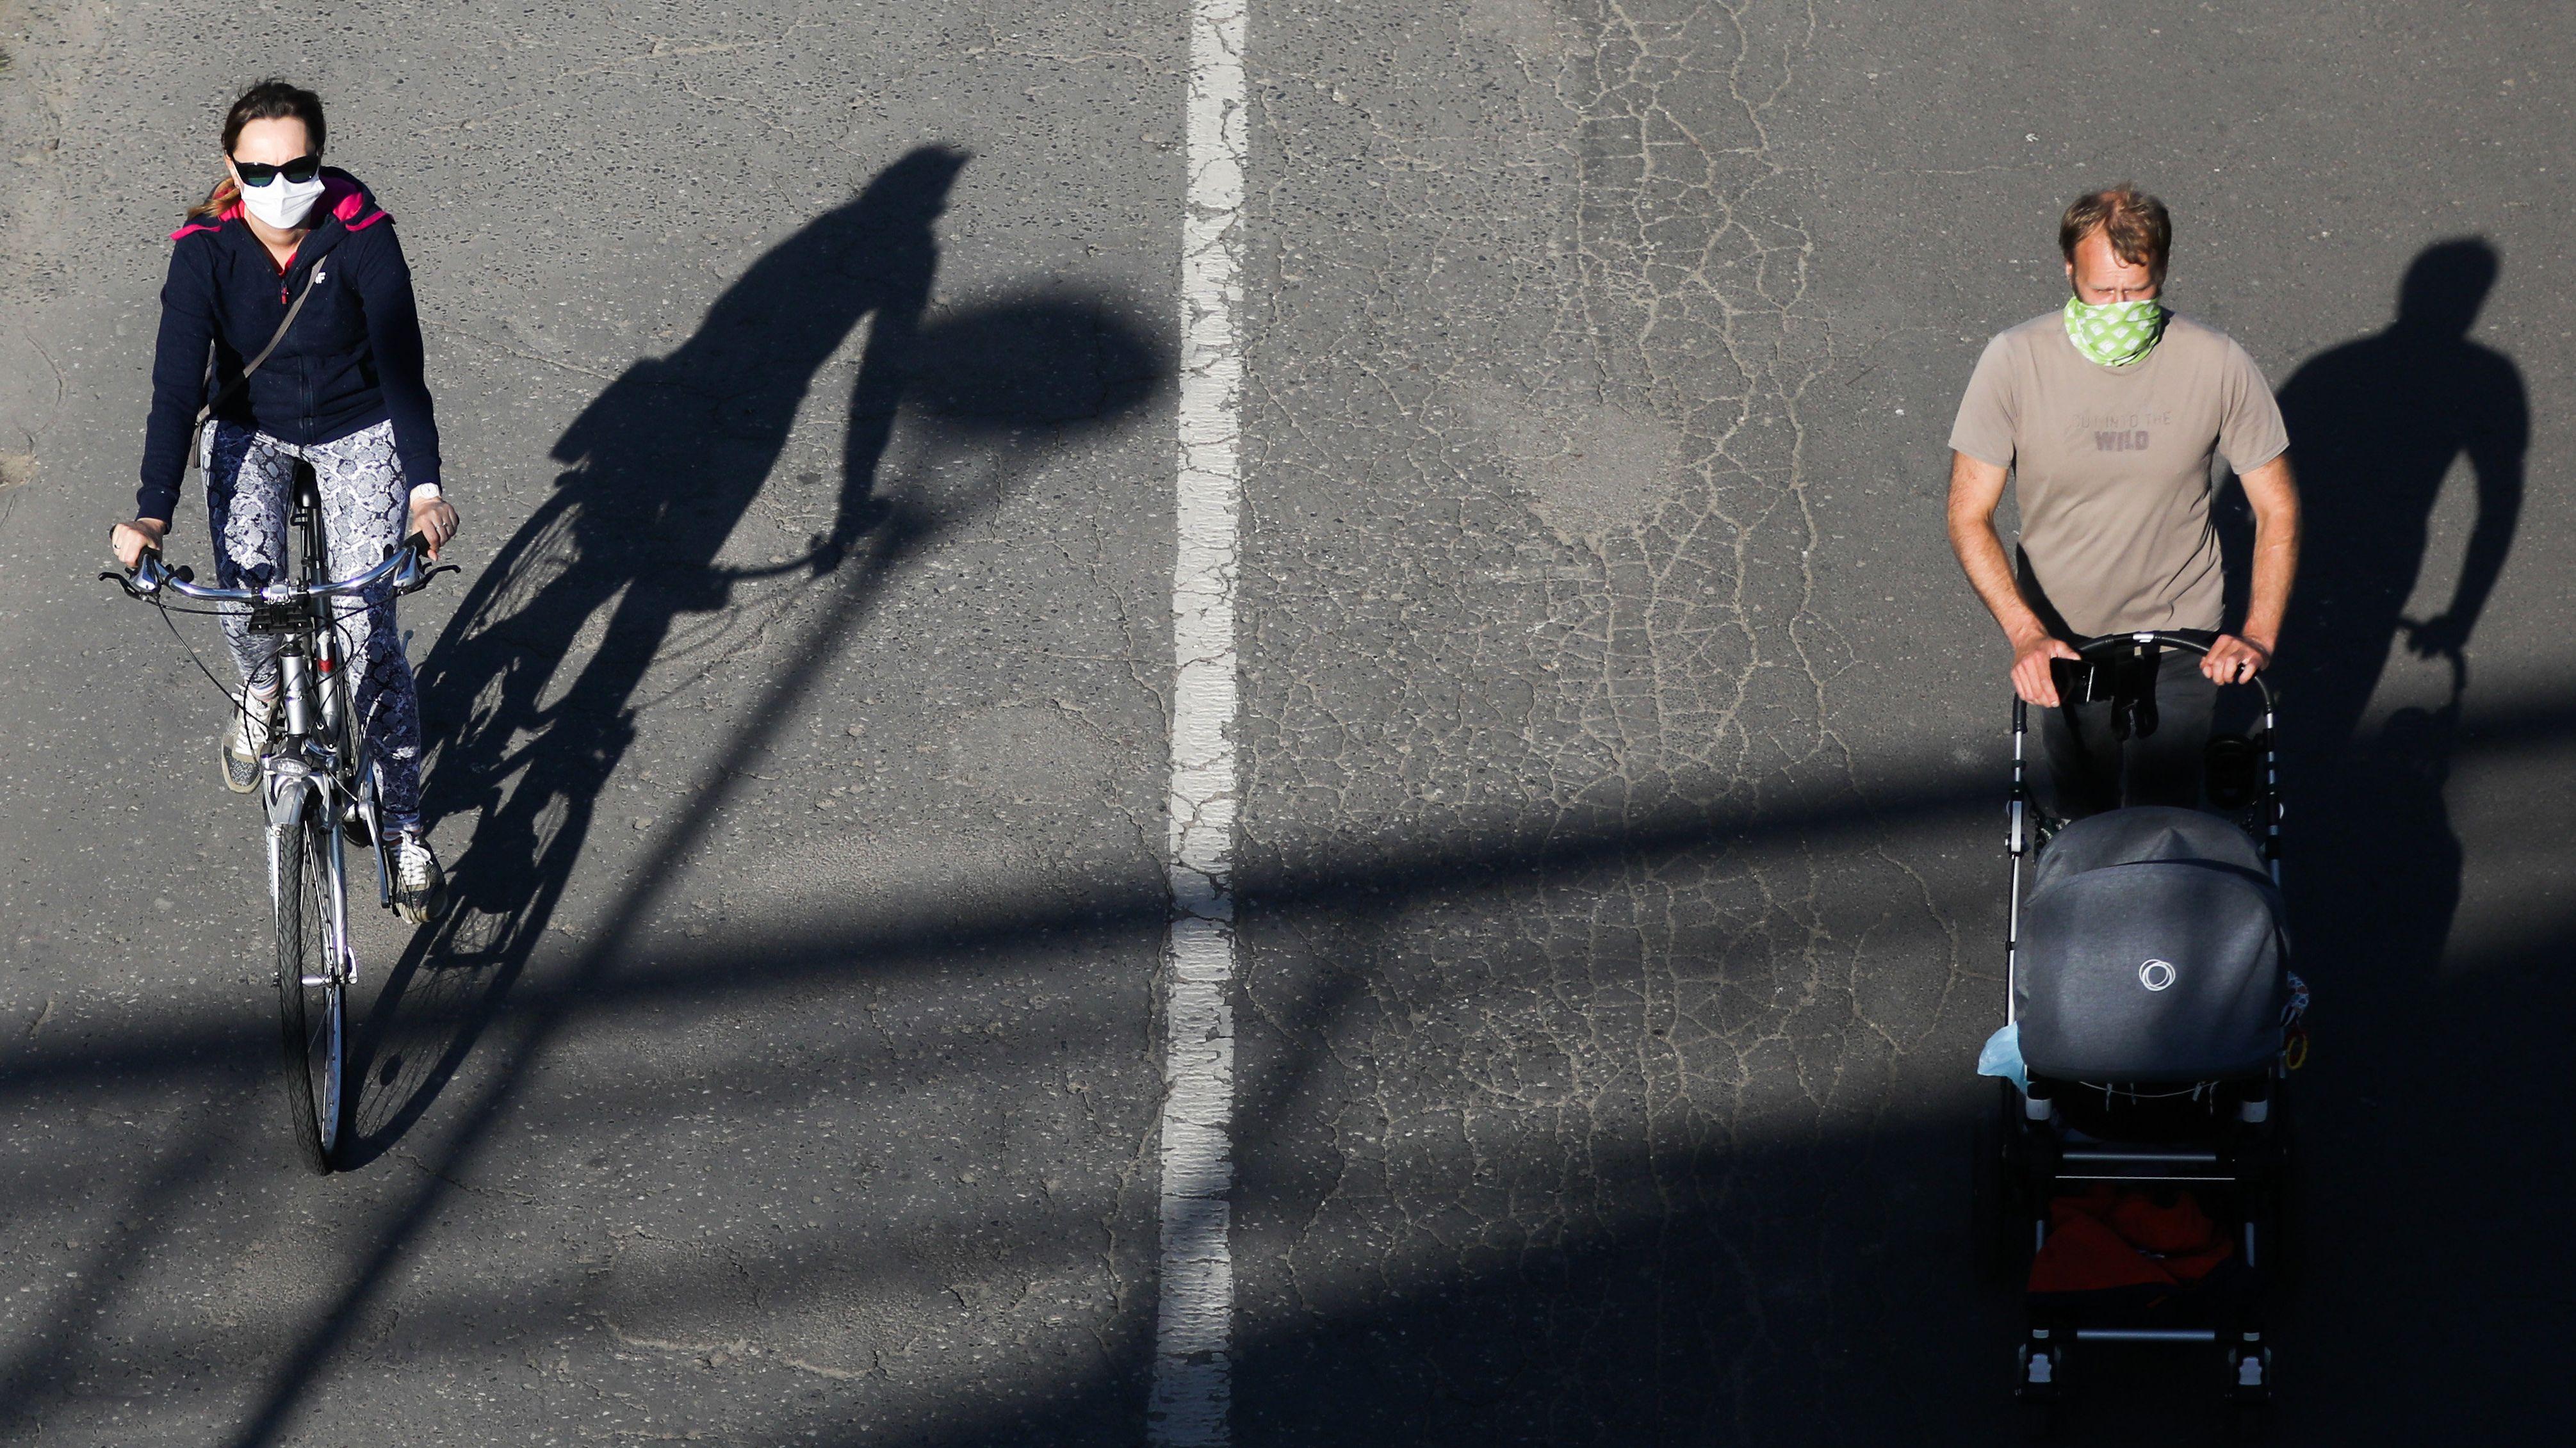 Mann mit Gesichtsmaske schiebt Kinderwagen, mehrere Meter davon entfernt fährt Frau mit Gesichtsmaske Fahrrad.